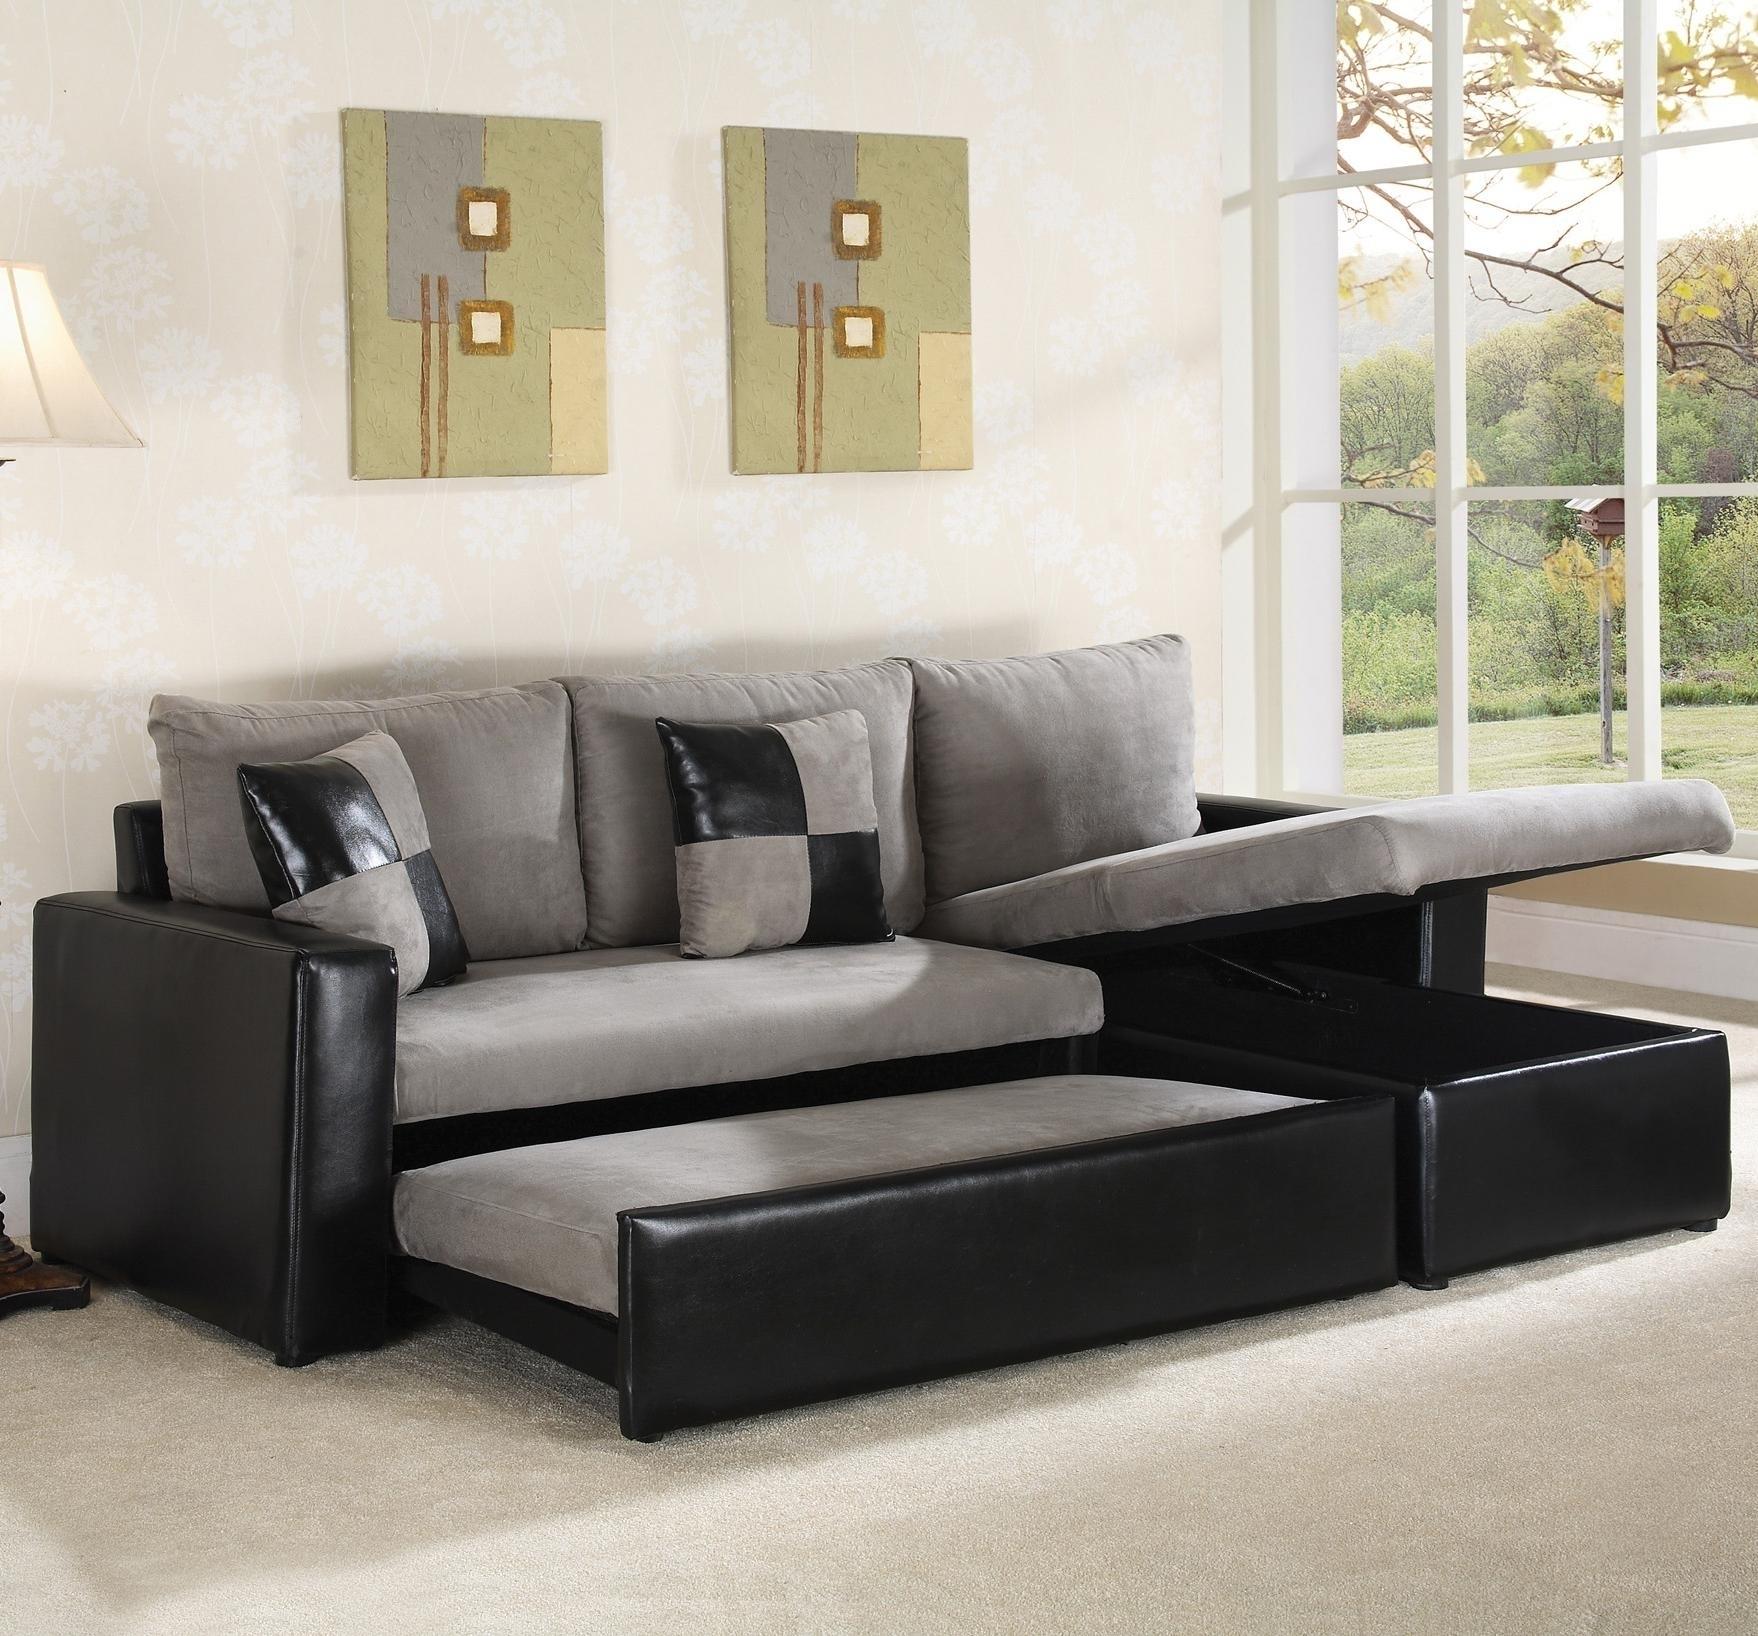 American Leather Sleeper Sofa Craigslist Ansugallery For Craigslist Sleeper Sofa (Image 2 of 15)